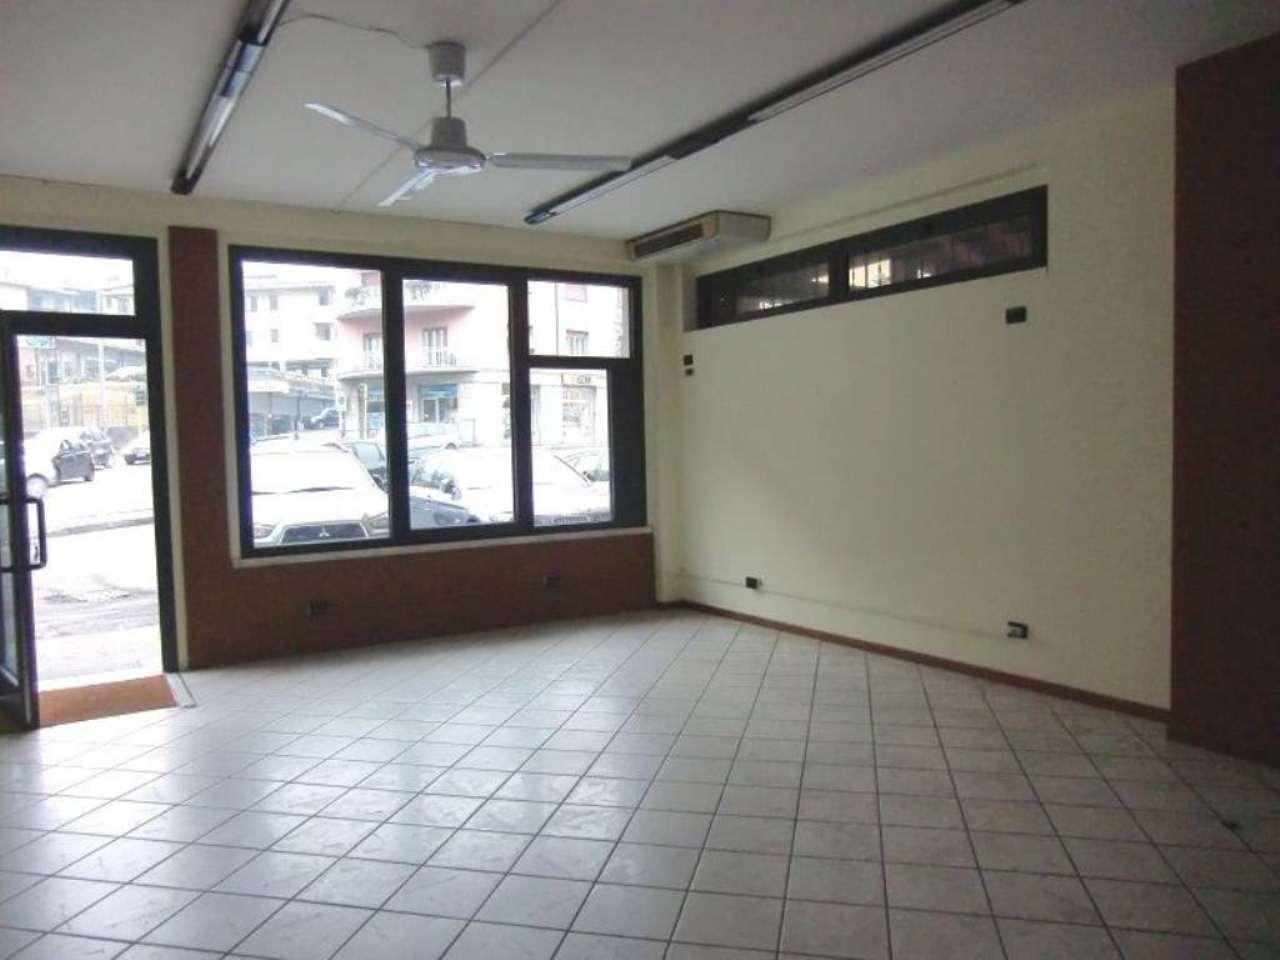 Negozio / Locale in vendita a Gardone Val Trompia, 1 locali, Trattative riservate | Cambio Casa.it